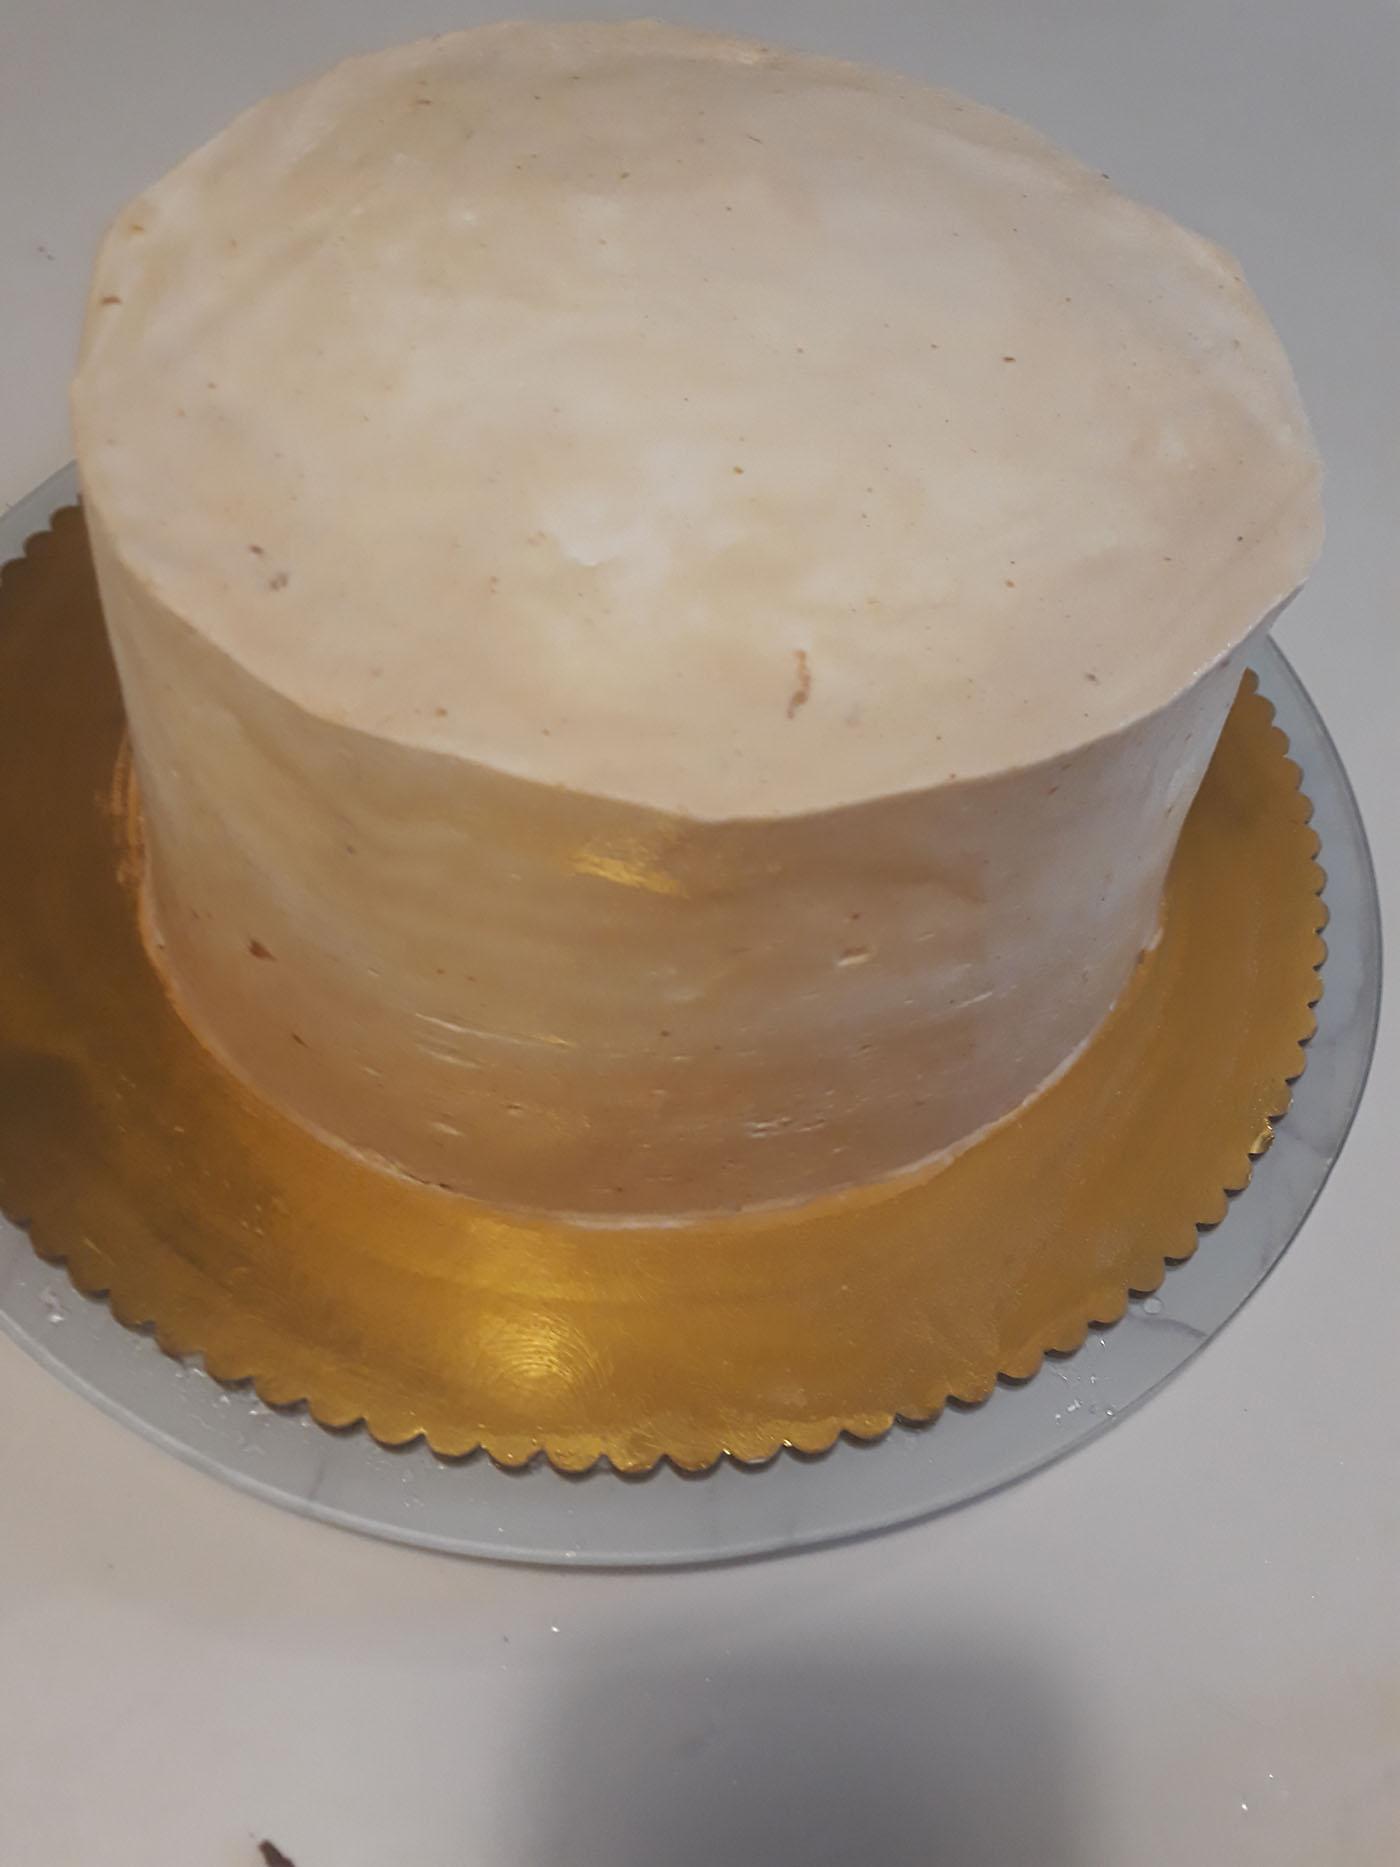 20190806 192345 - עוגת זילוף